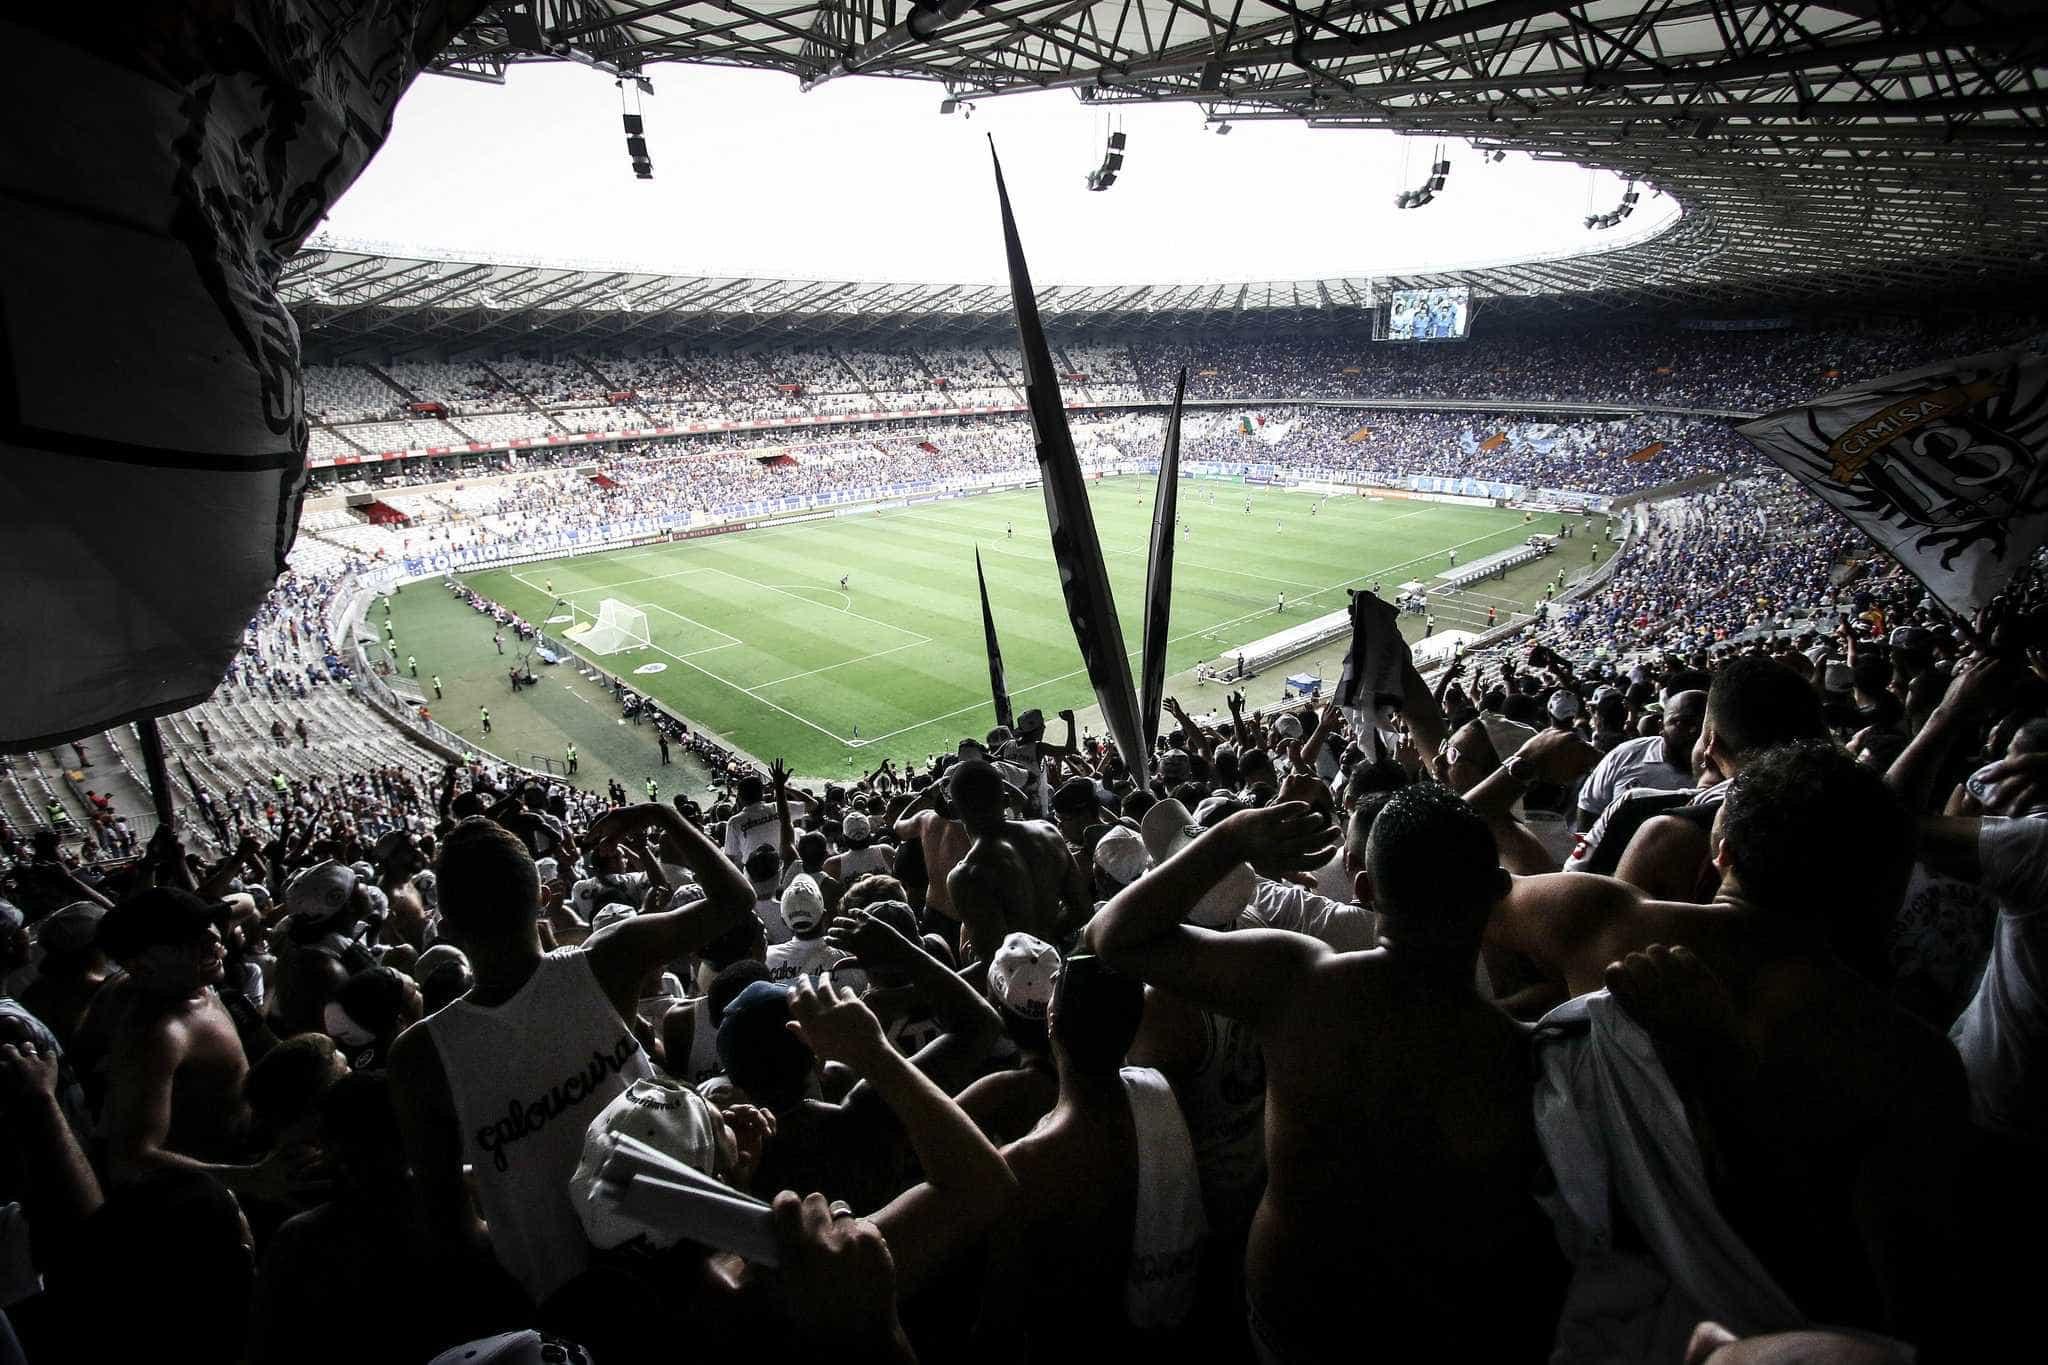 Torcida do Atlético canta música homofóbica citando Bolsonaro